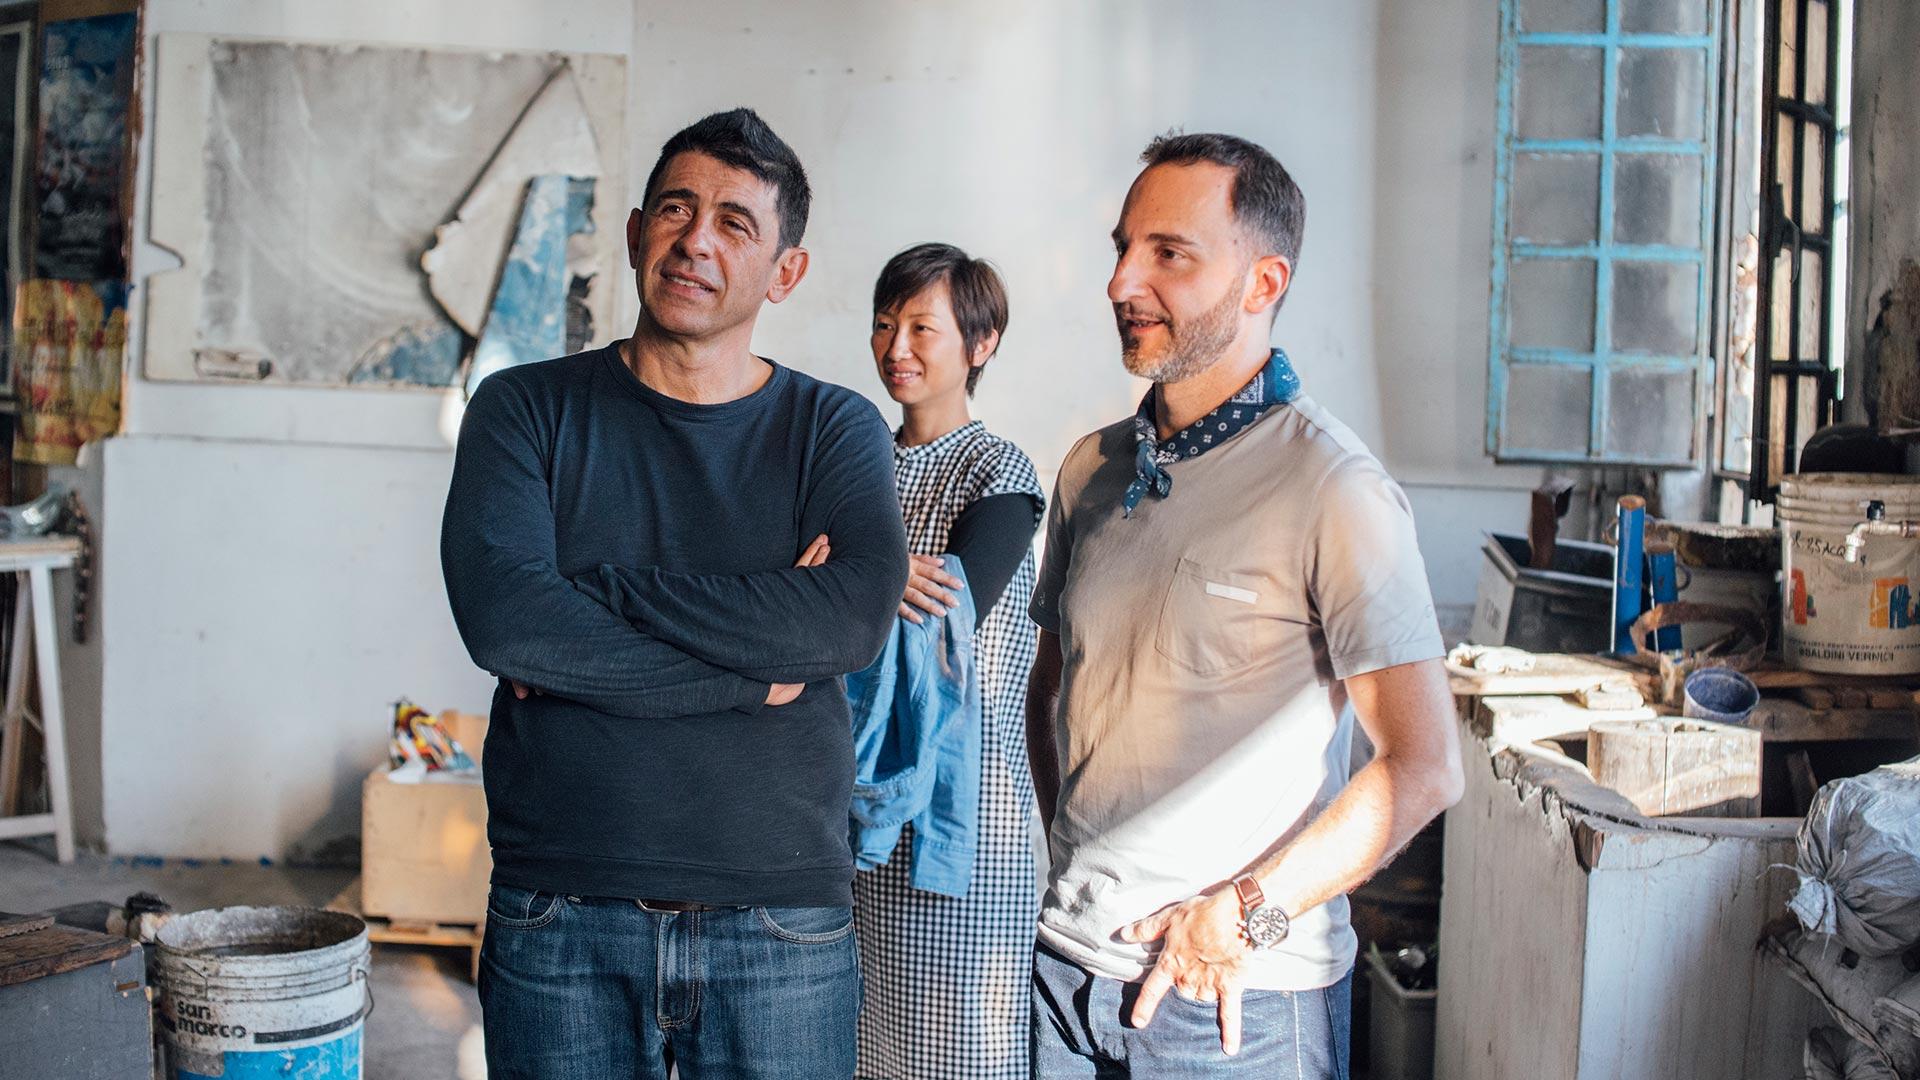 Maurizio Marano and Marco Stefanelli of Stella Blu Textiles